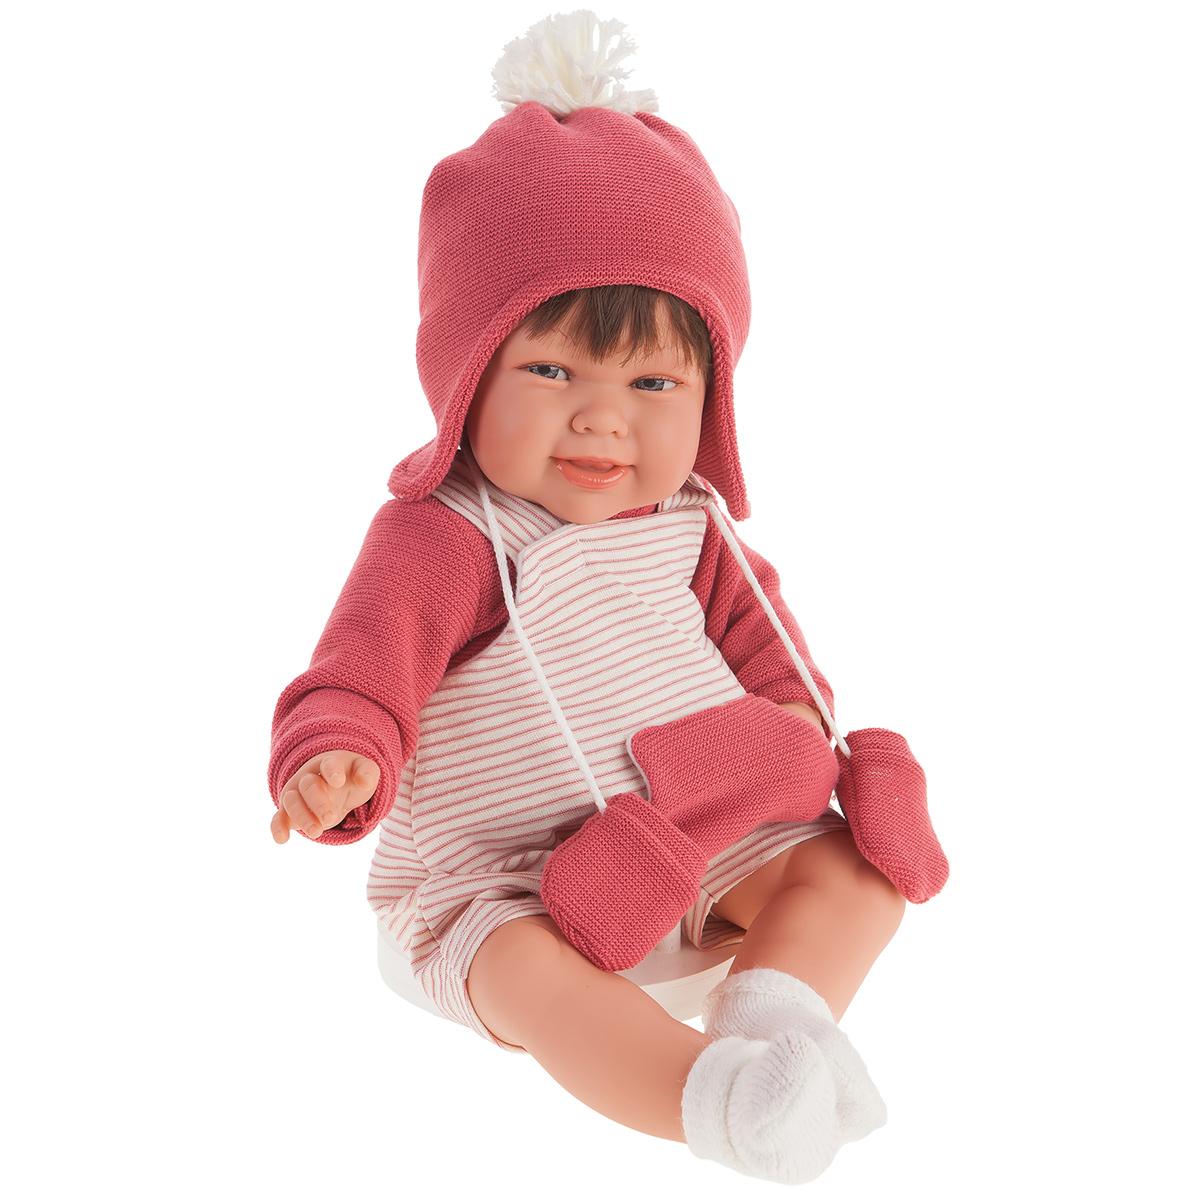 Купить 2006 Кукла Кристина в коралловом озвученная (мама, папа, смех), 52 см, Antonio Juan,